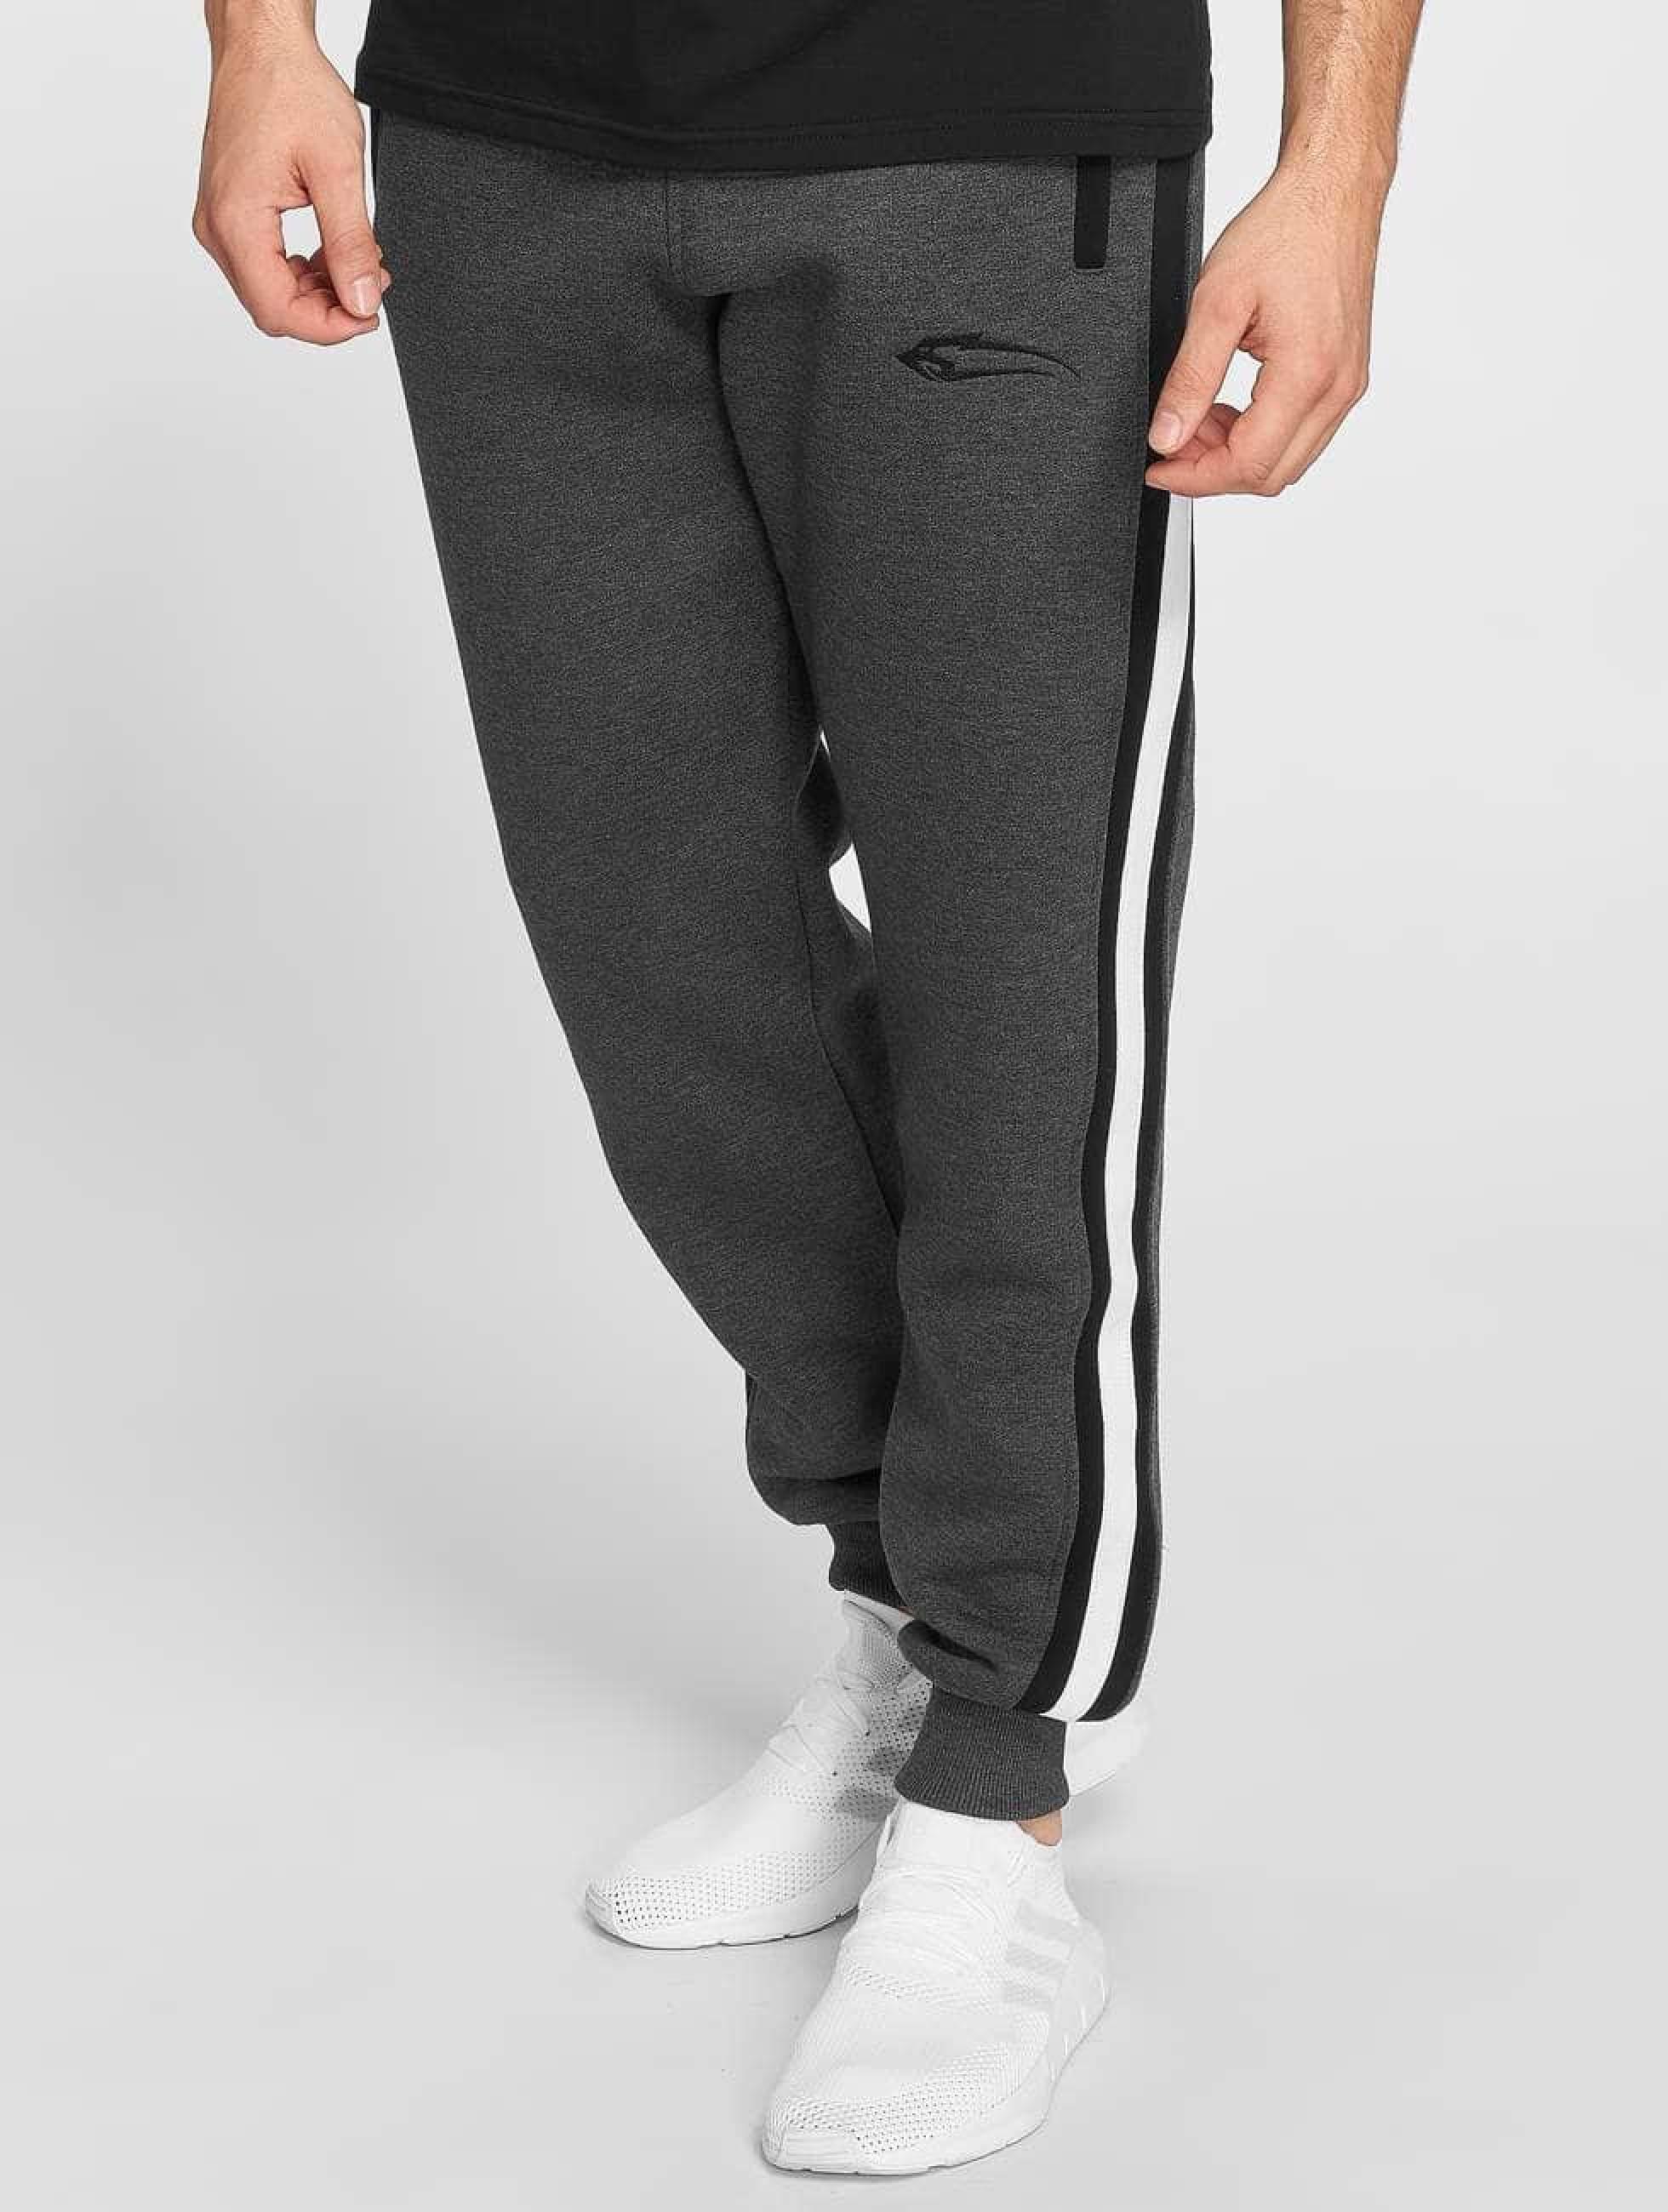 Smilodox | Slack gris Homme Pantalons de jogging